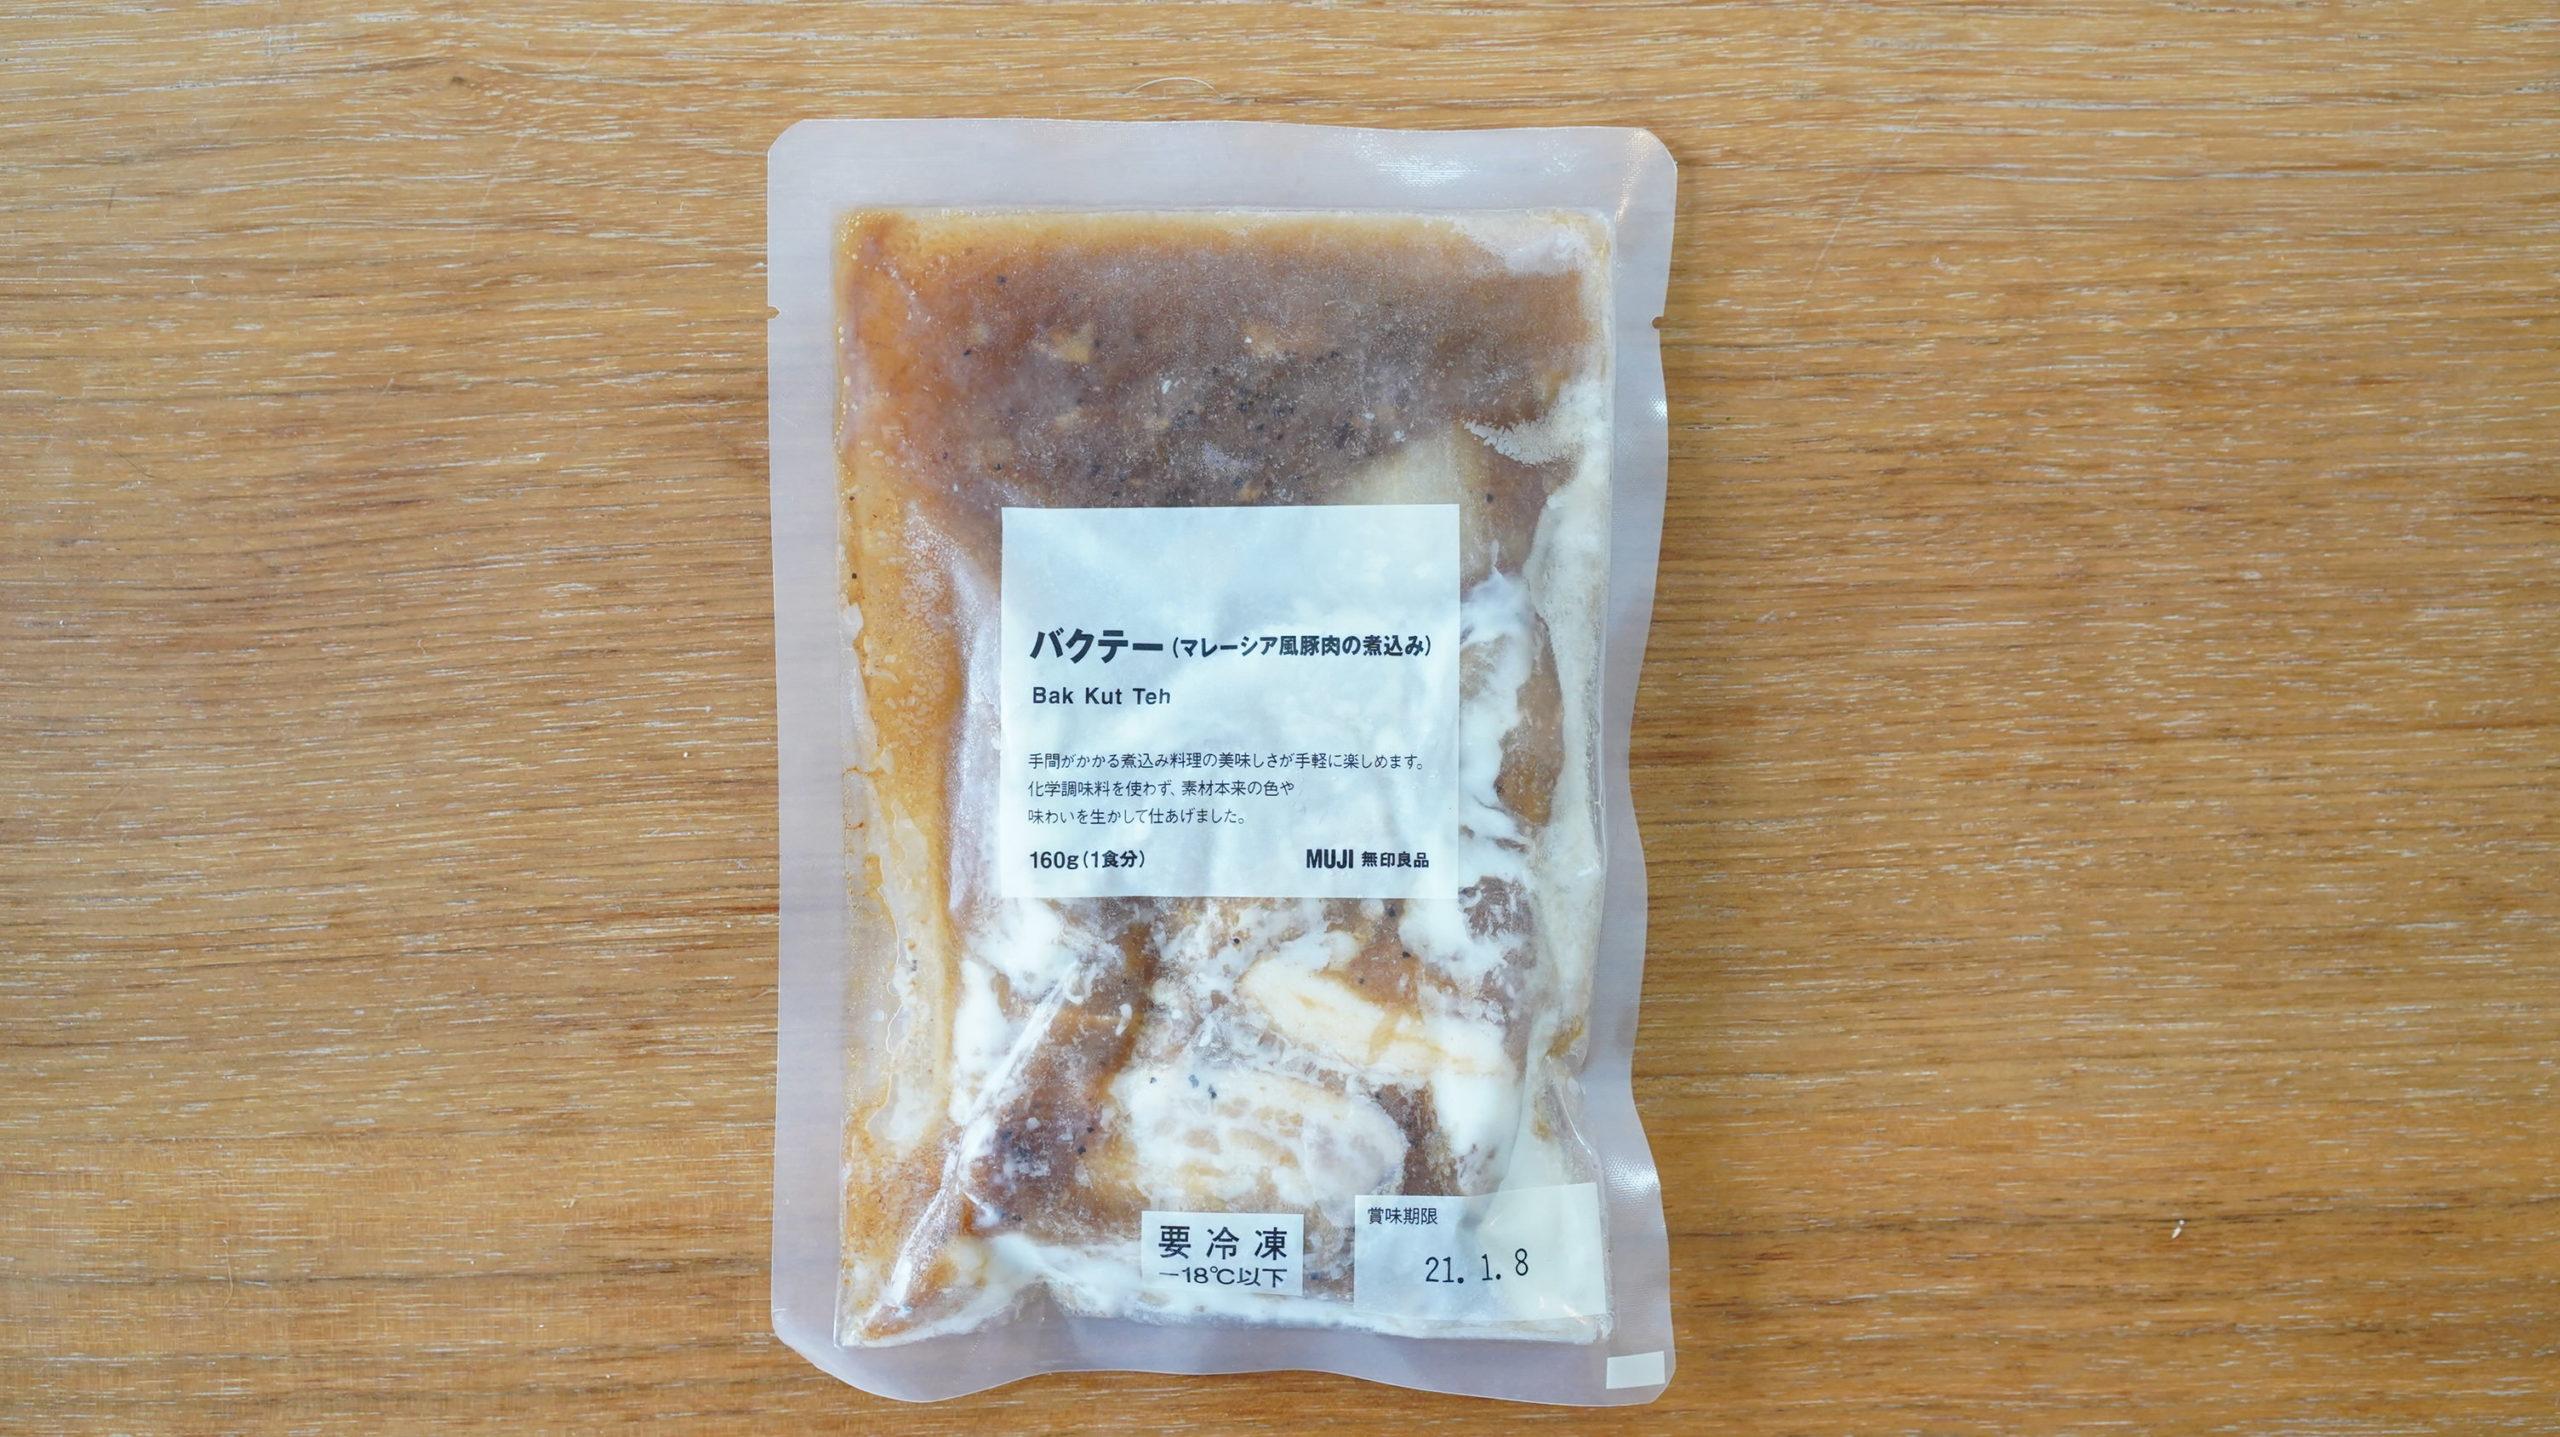 無印良品のおすすめ冷凍食品「バクテー(マレーシア風豚肉の煮込み)」のパッケージの写真